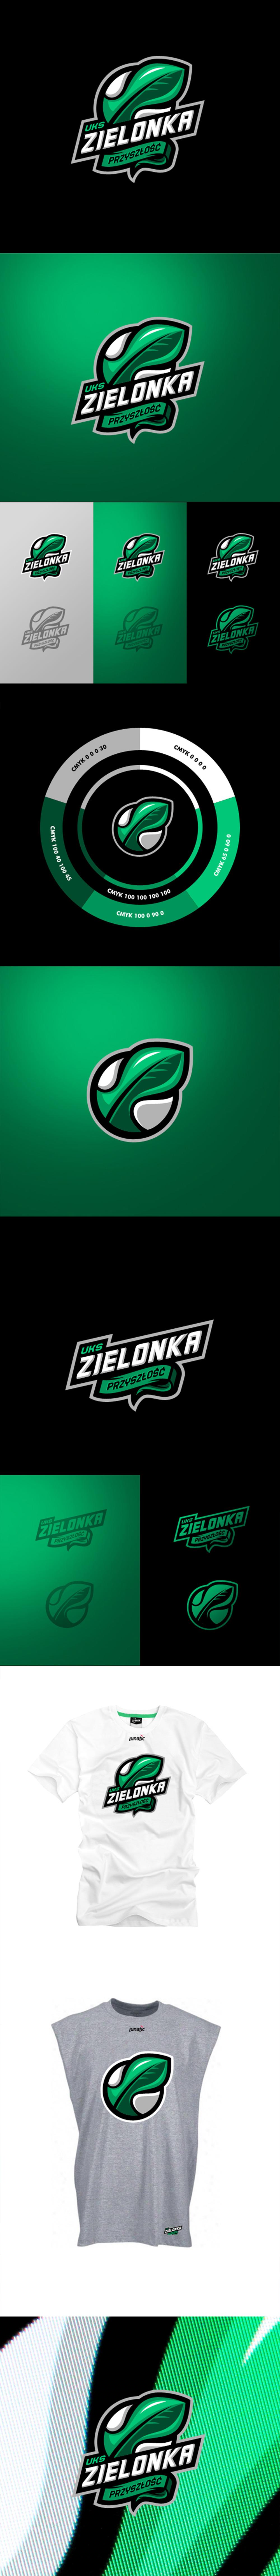 Logotipo del equipo de basketball: UKS Zielonka Przyszlosc de Lunatic